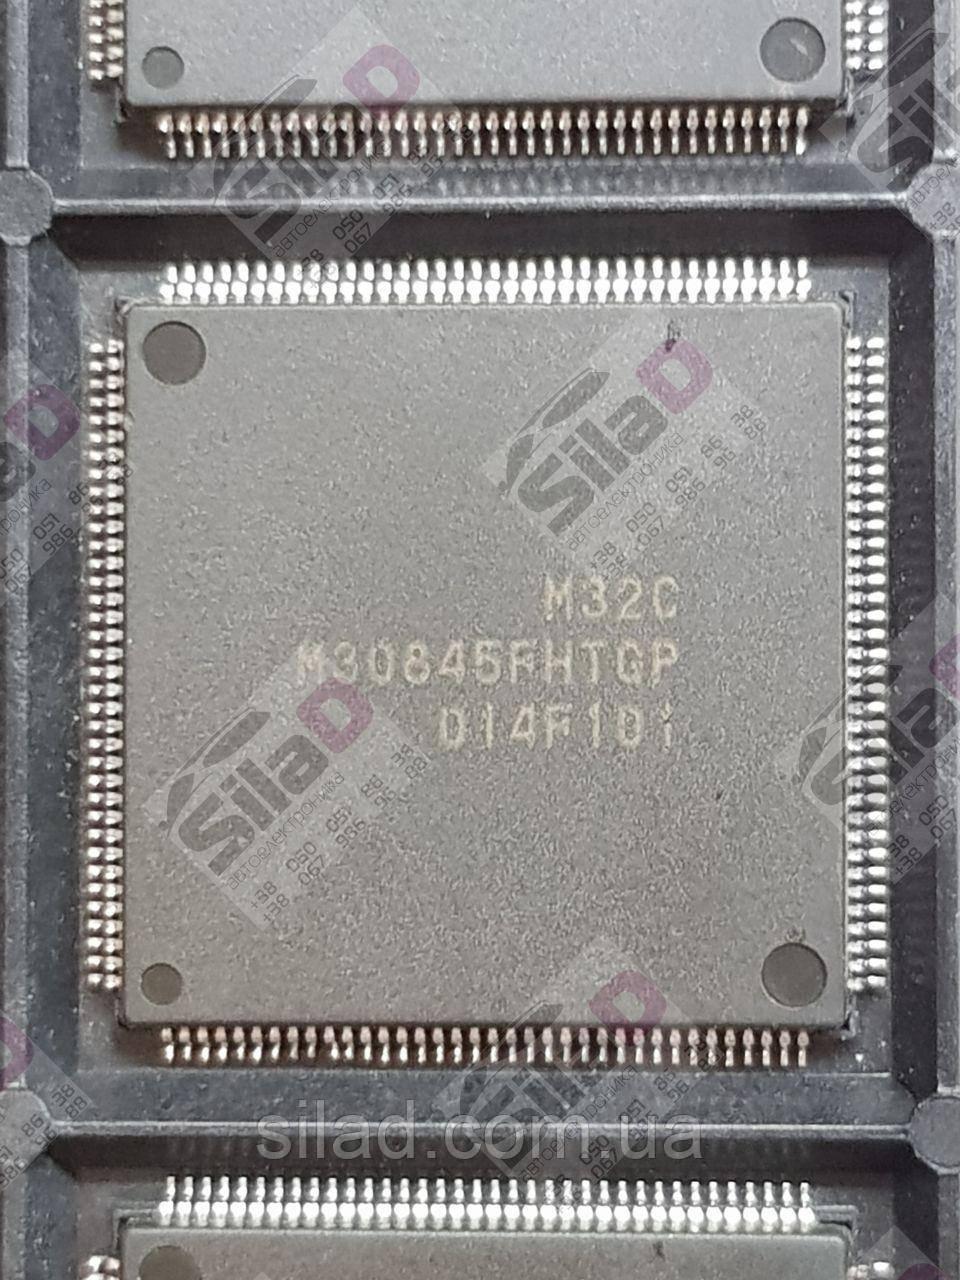 Микроконтроллер M32C M30845FHTGP Renesas 384КБ LQFP-144 флэш-памяти